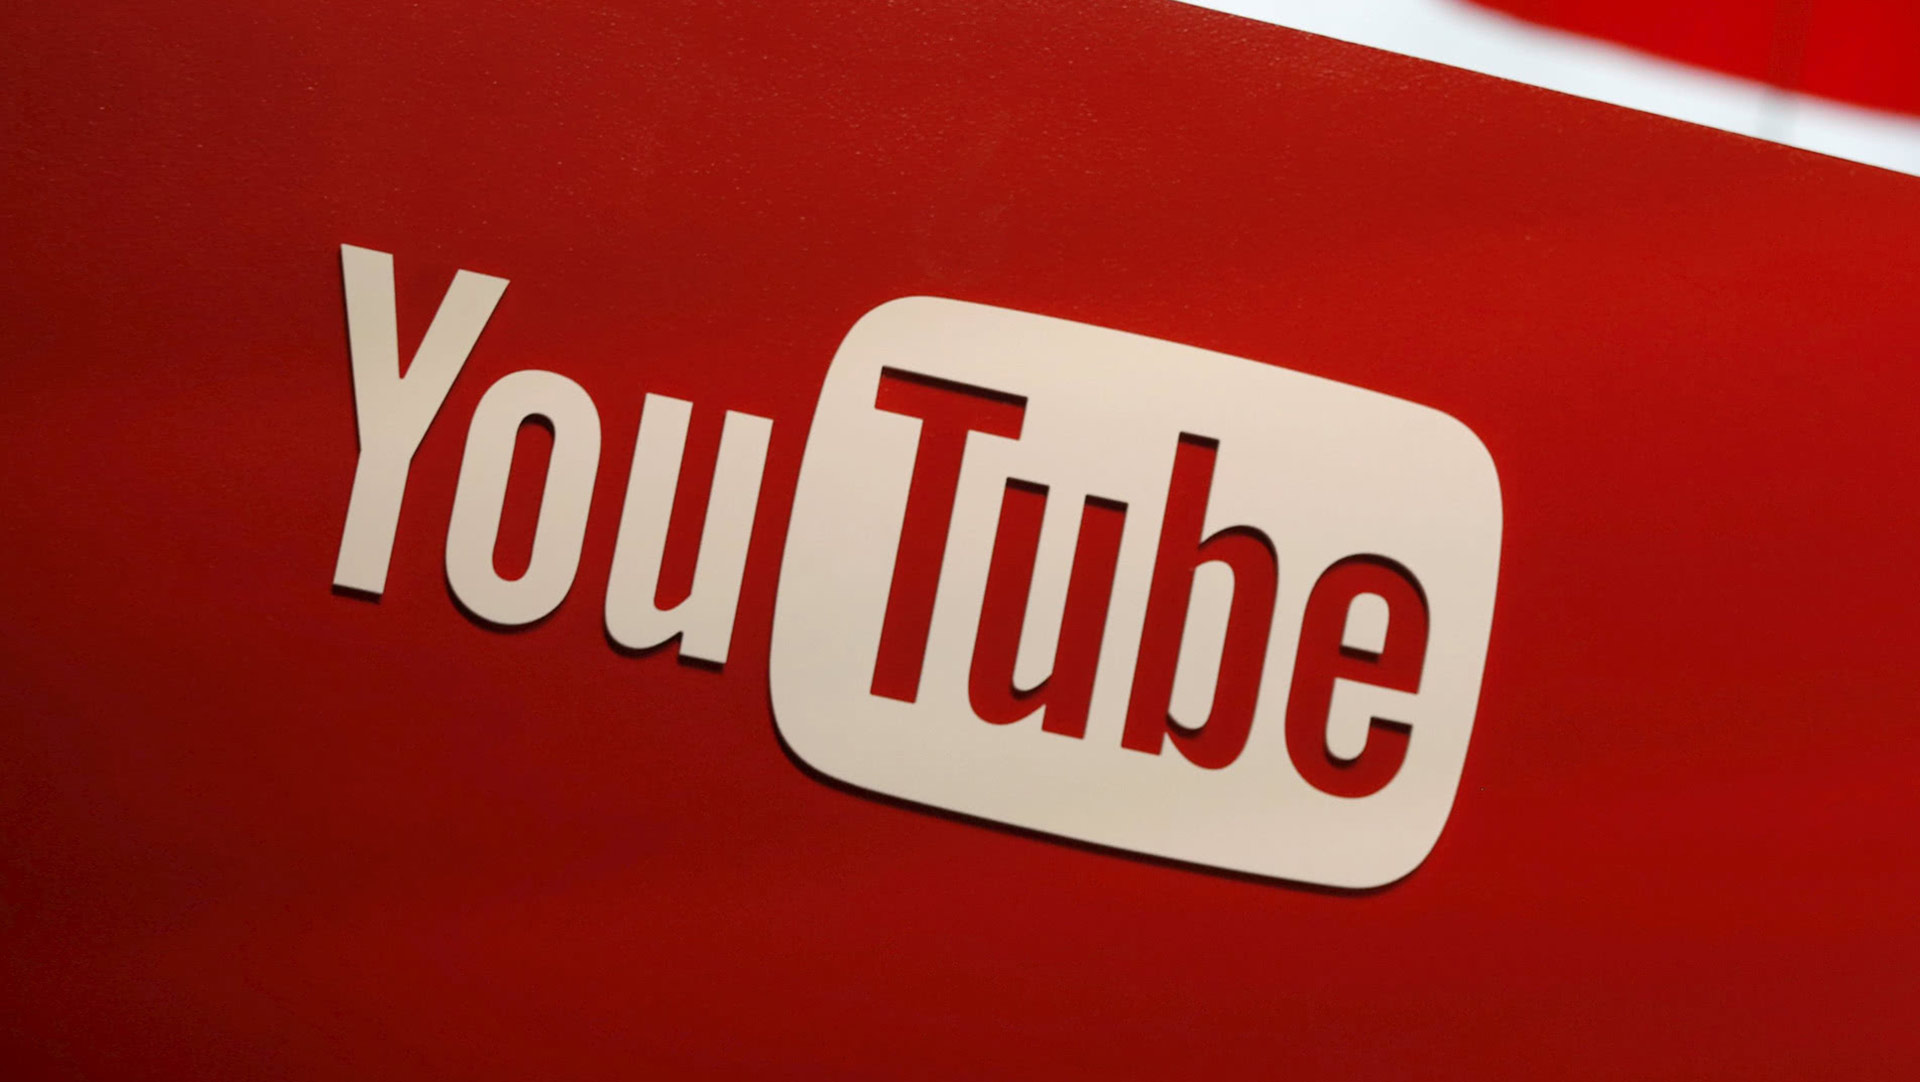 28.01.21г. в 14.00. Бесплатный вебинар: Как продвинуть бизнес в Youtube